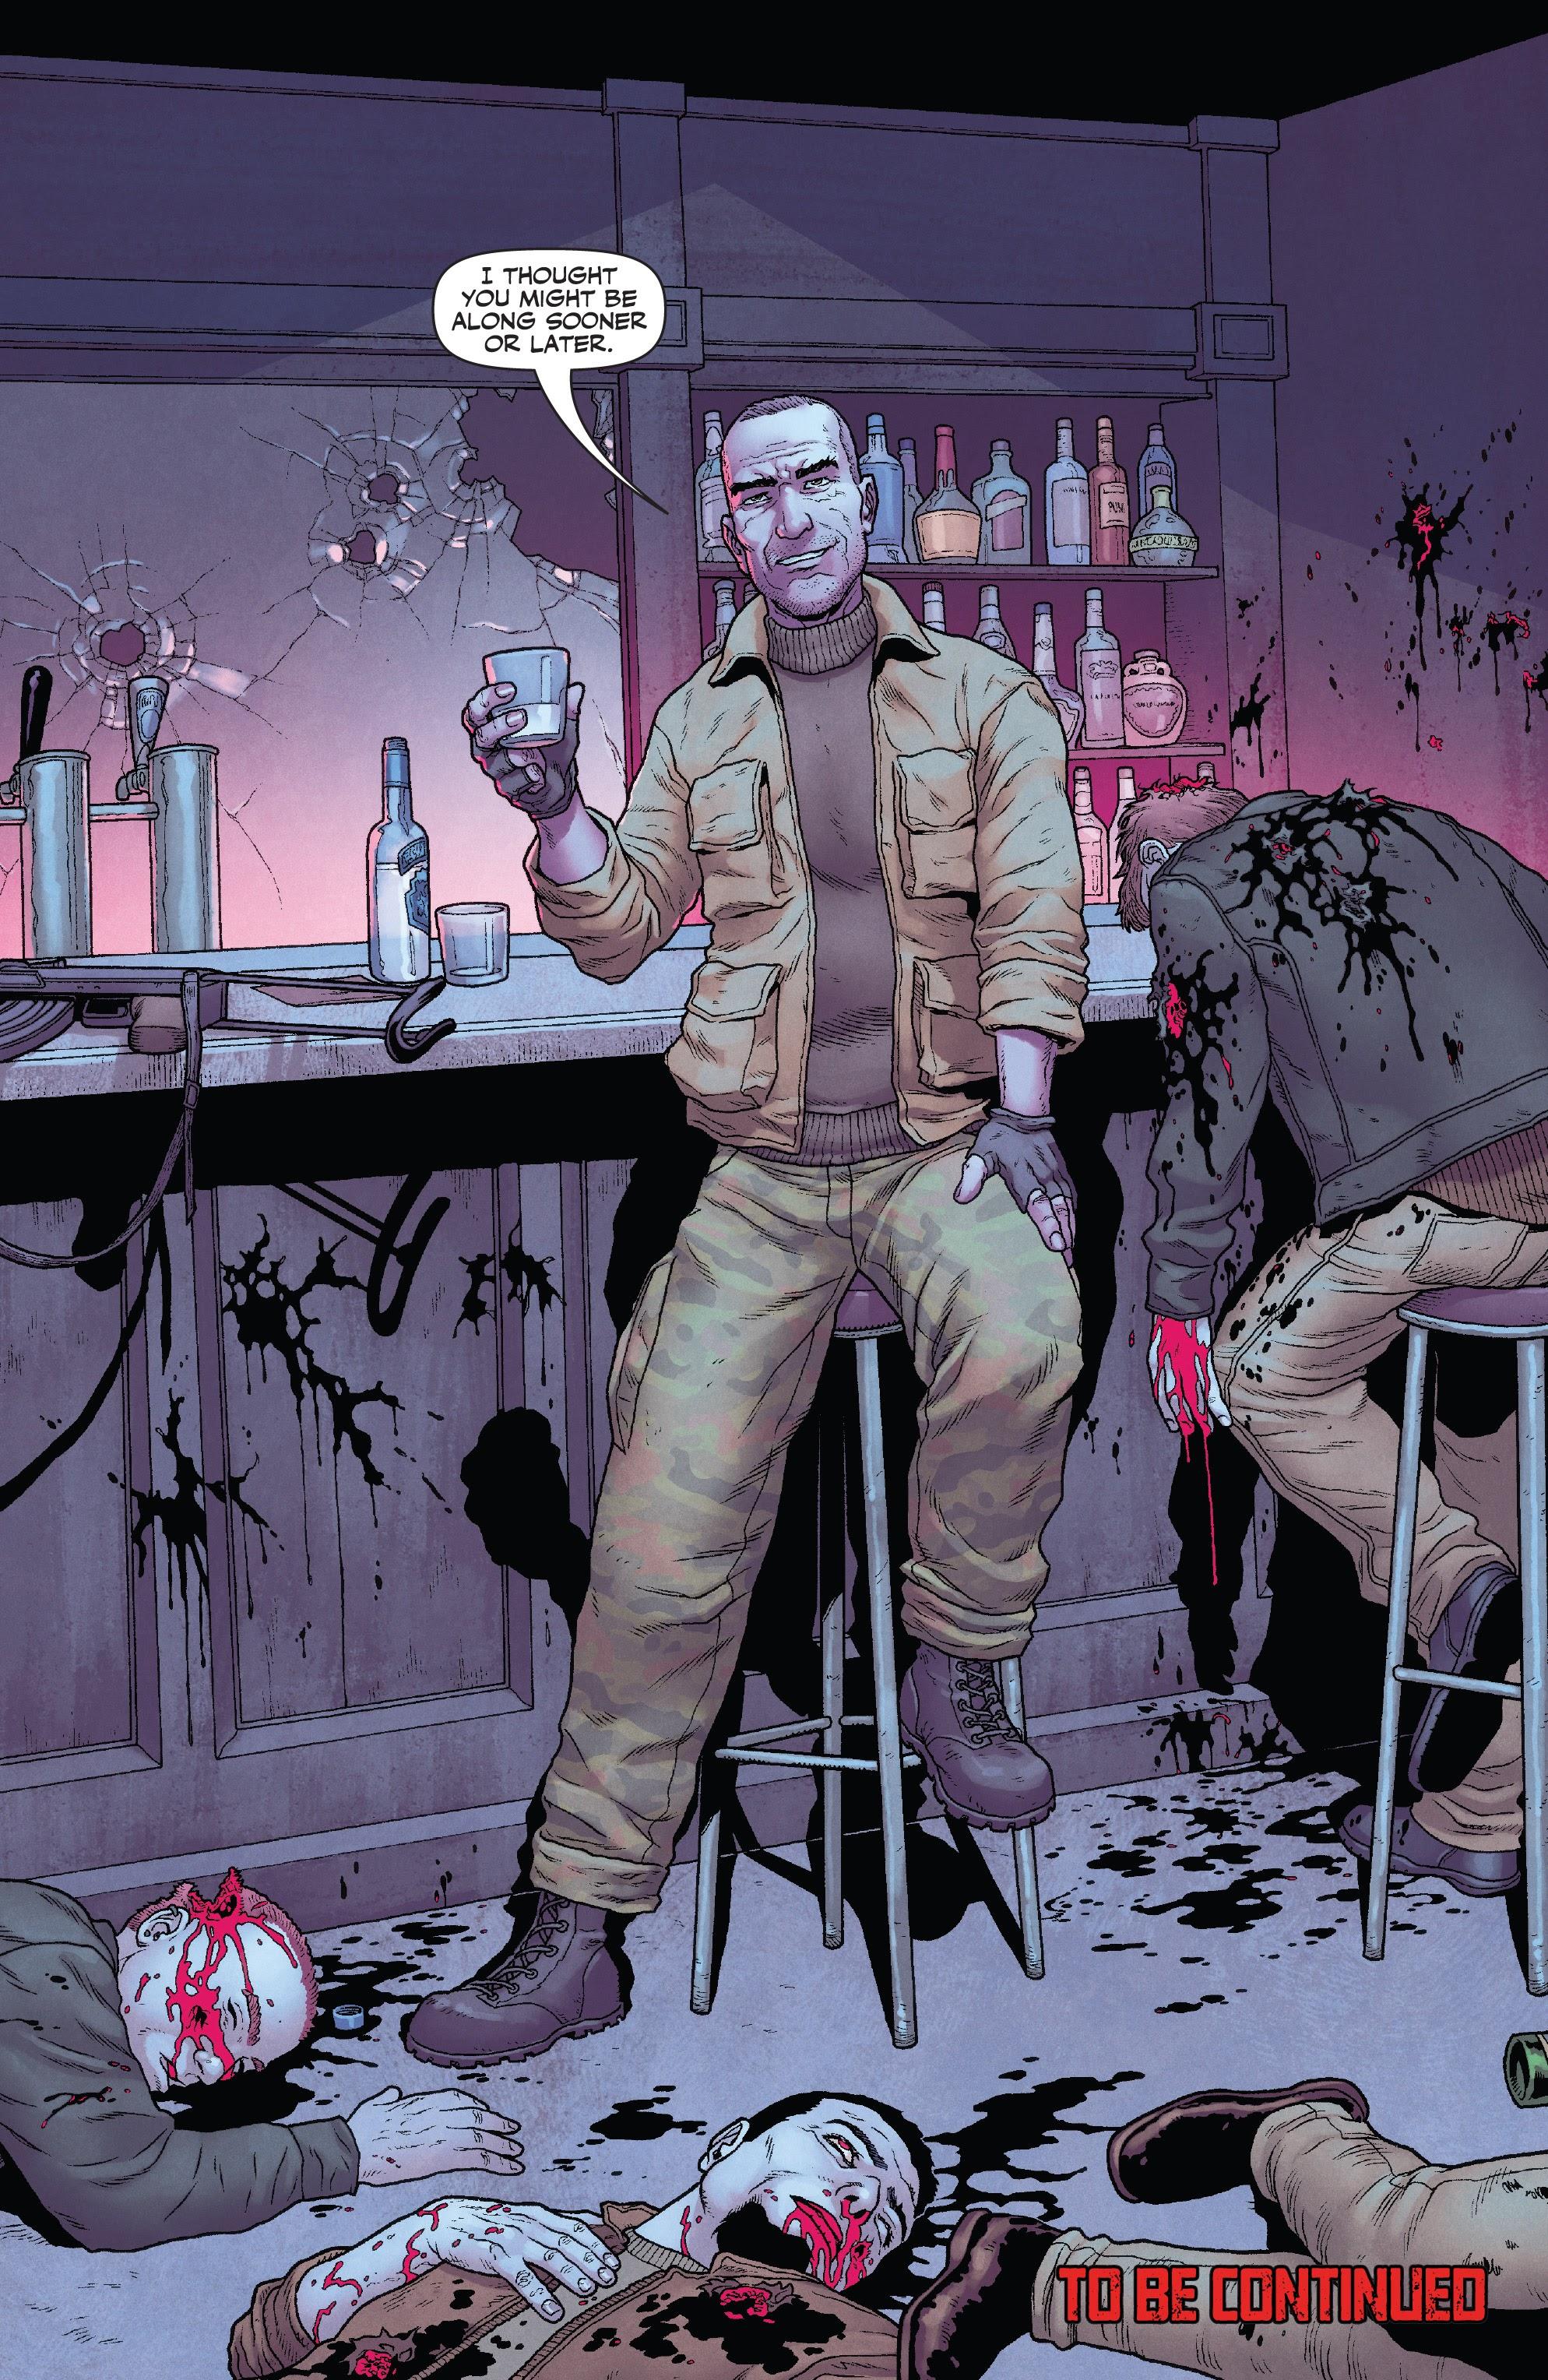 【漫威宇宙相關】一個全新的制裁者在獵殺俄羅斯的黑幫!法蘭克該怎麼應對?